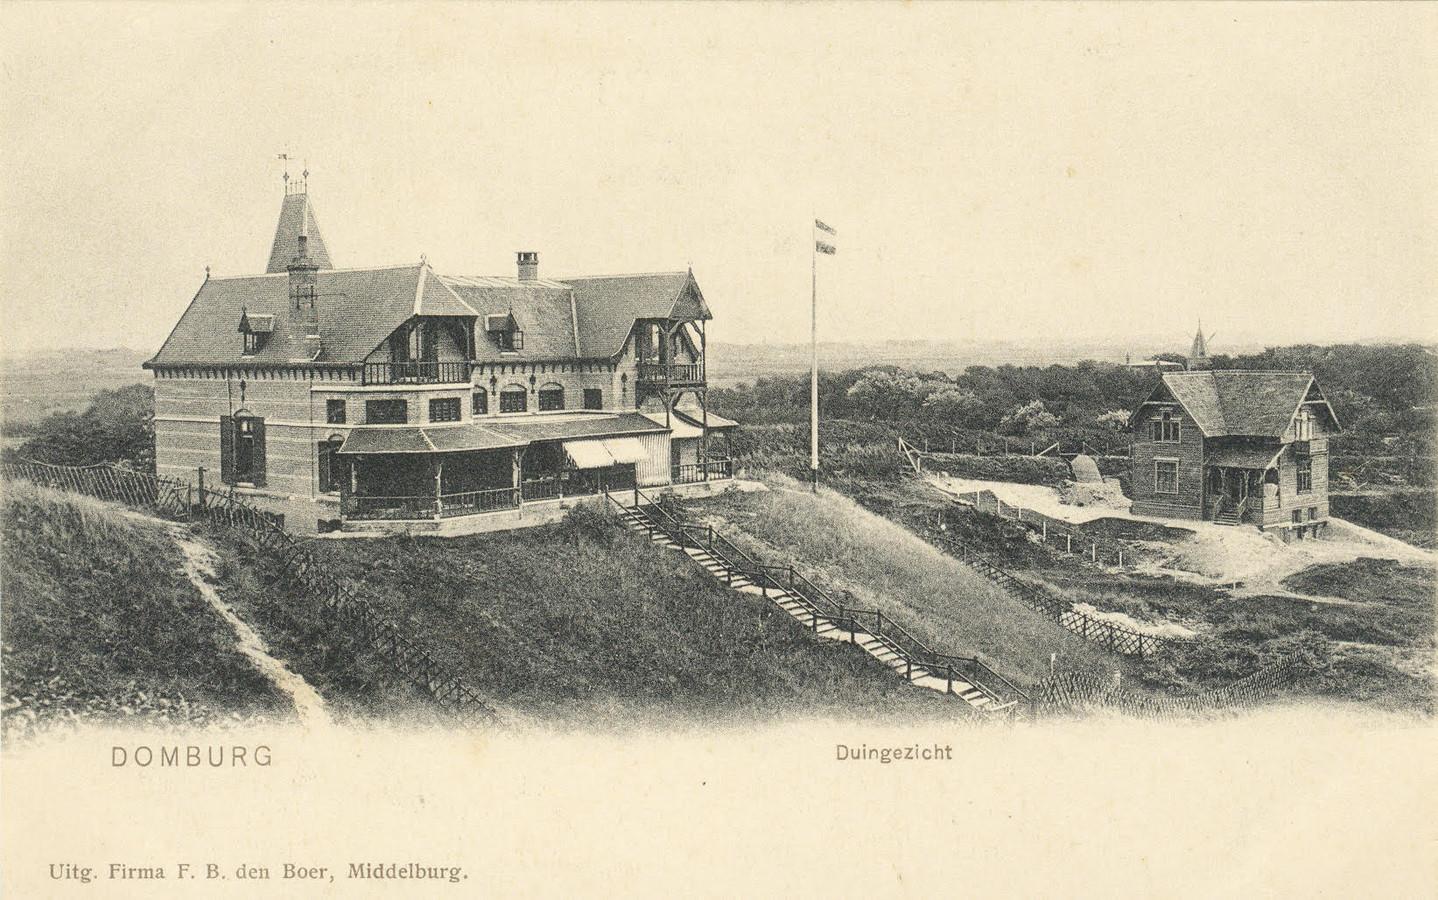 Villa Sommerhoff in de duinen van Domburg